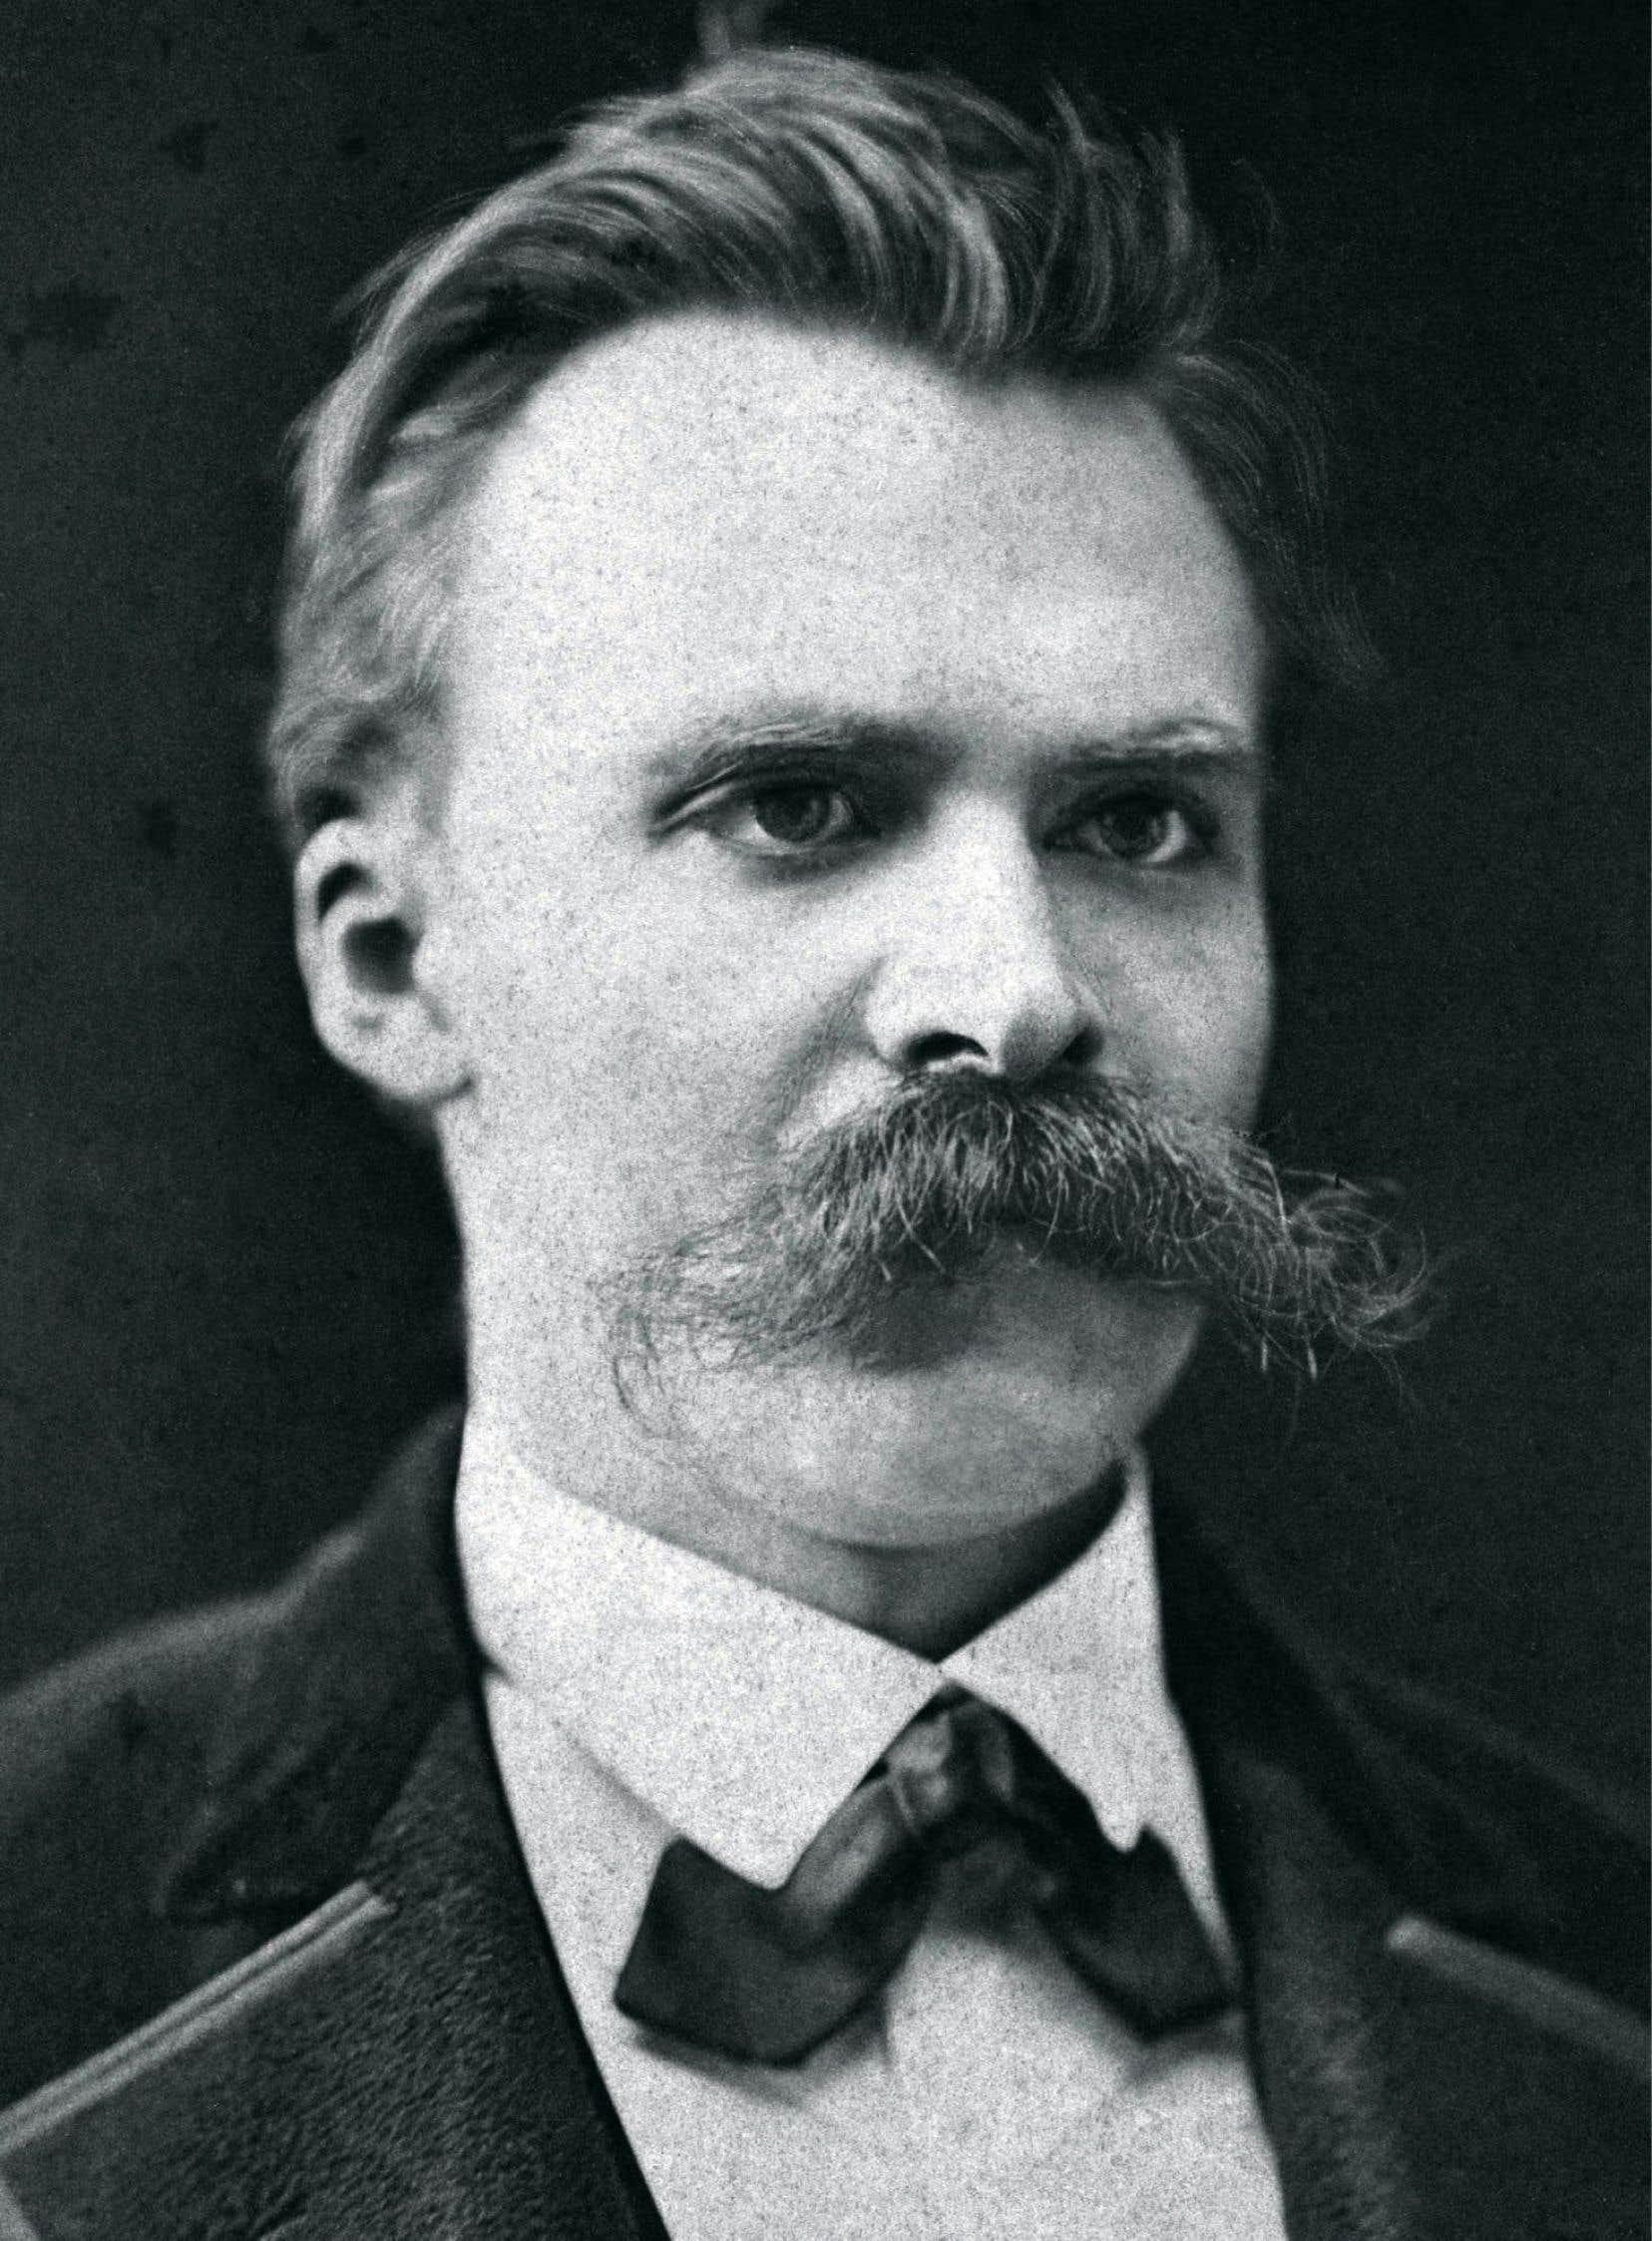 Nietzsche a beau souligner et dénoncer lesbasses origines des théories scientifiques, cela ne les rend pas pour autant inadéquates.